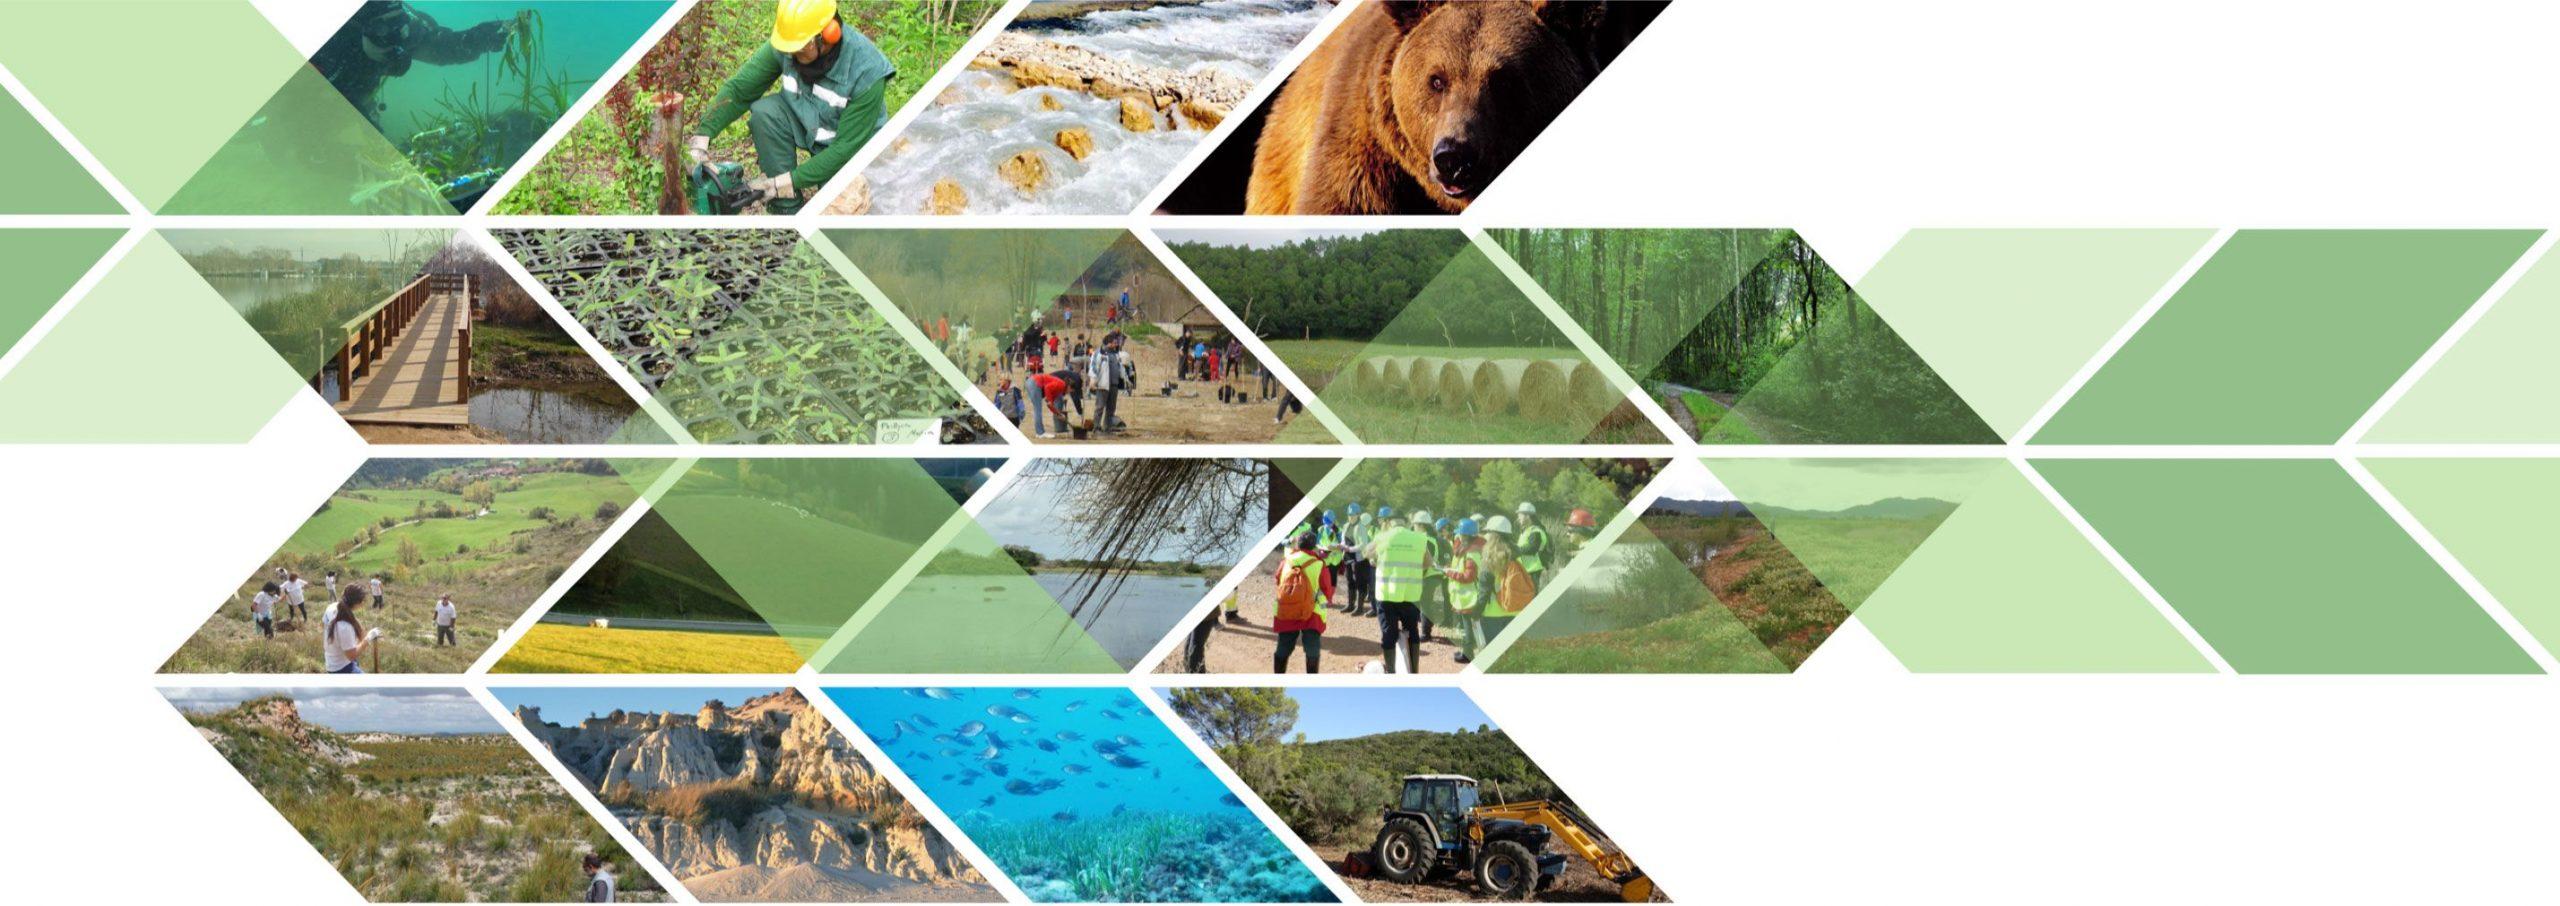 ¿Cómo desarrollar proyectos de restauración ecológica desde la empresa? Aquí tienes La Guía definitiva